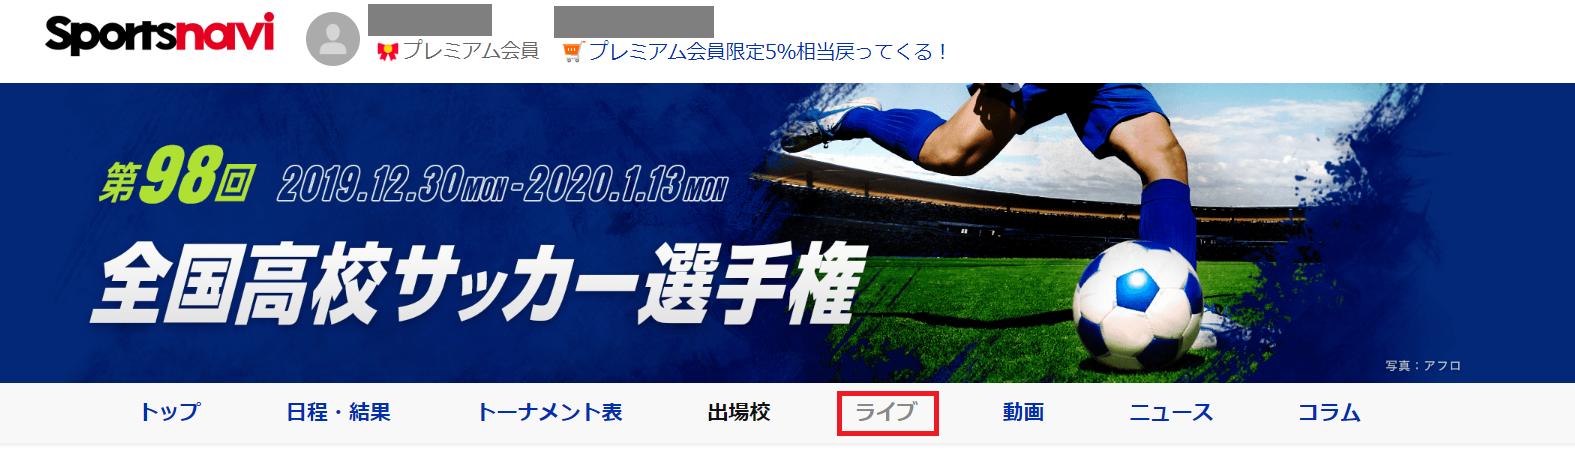 スポーツナビ配信_高校サッカー選手権